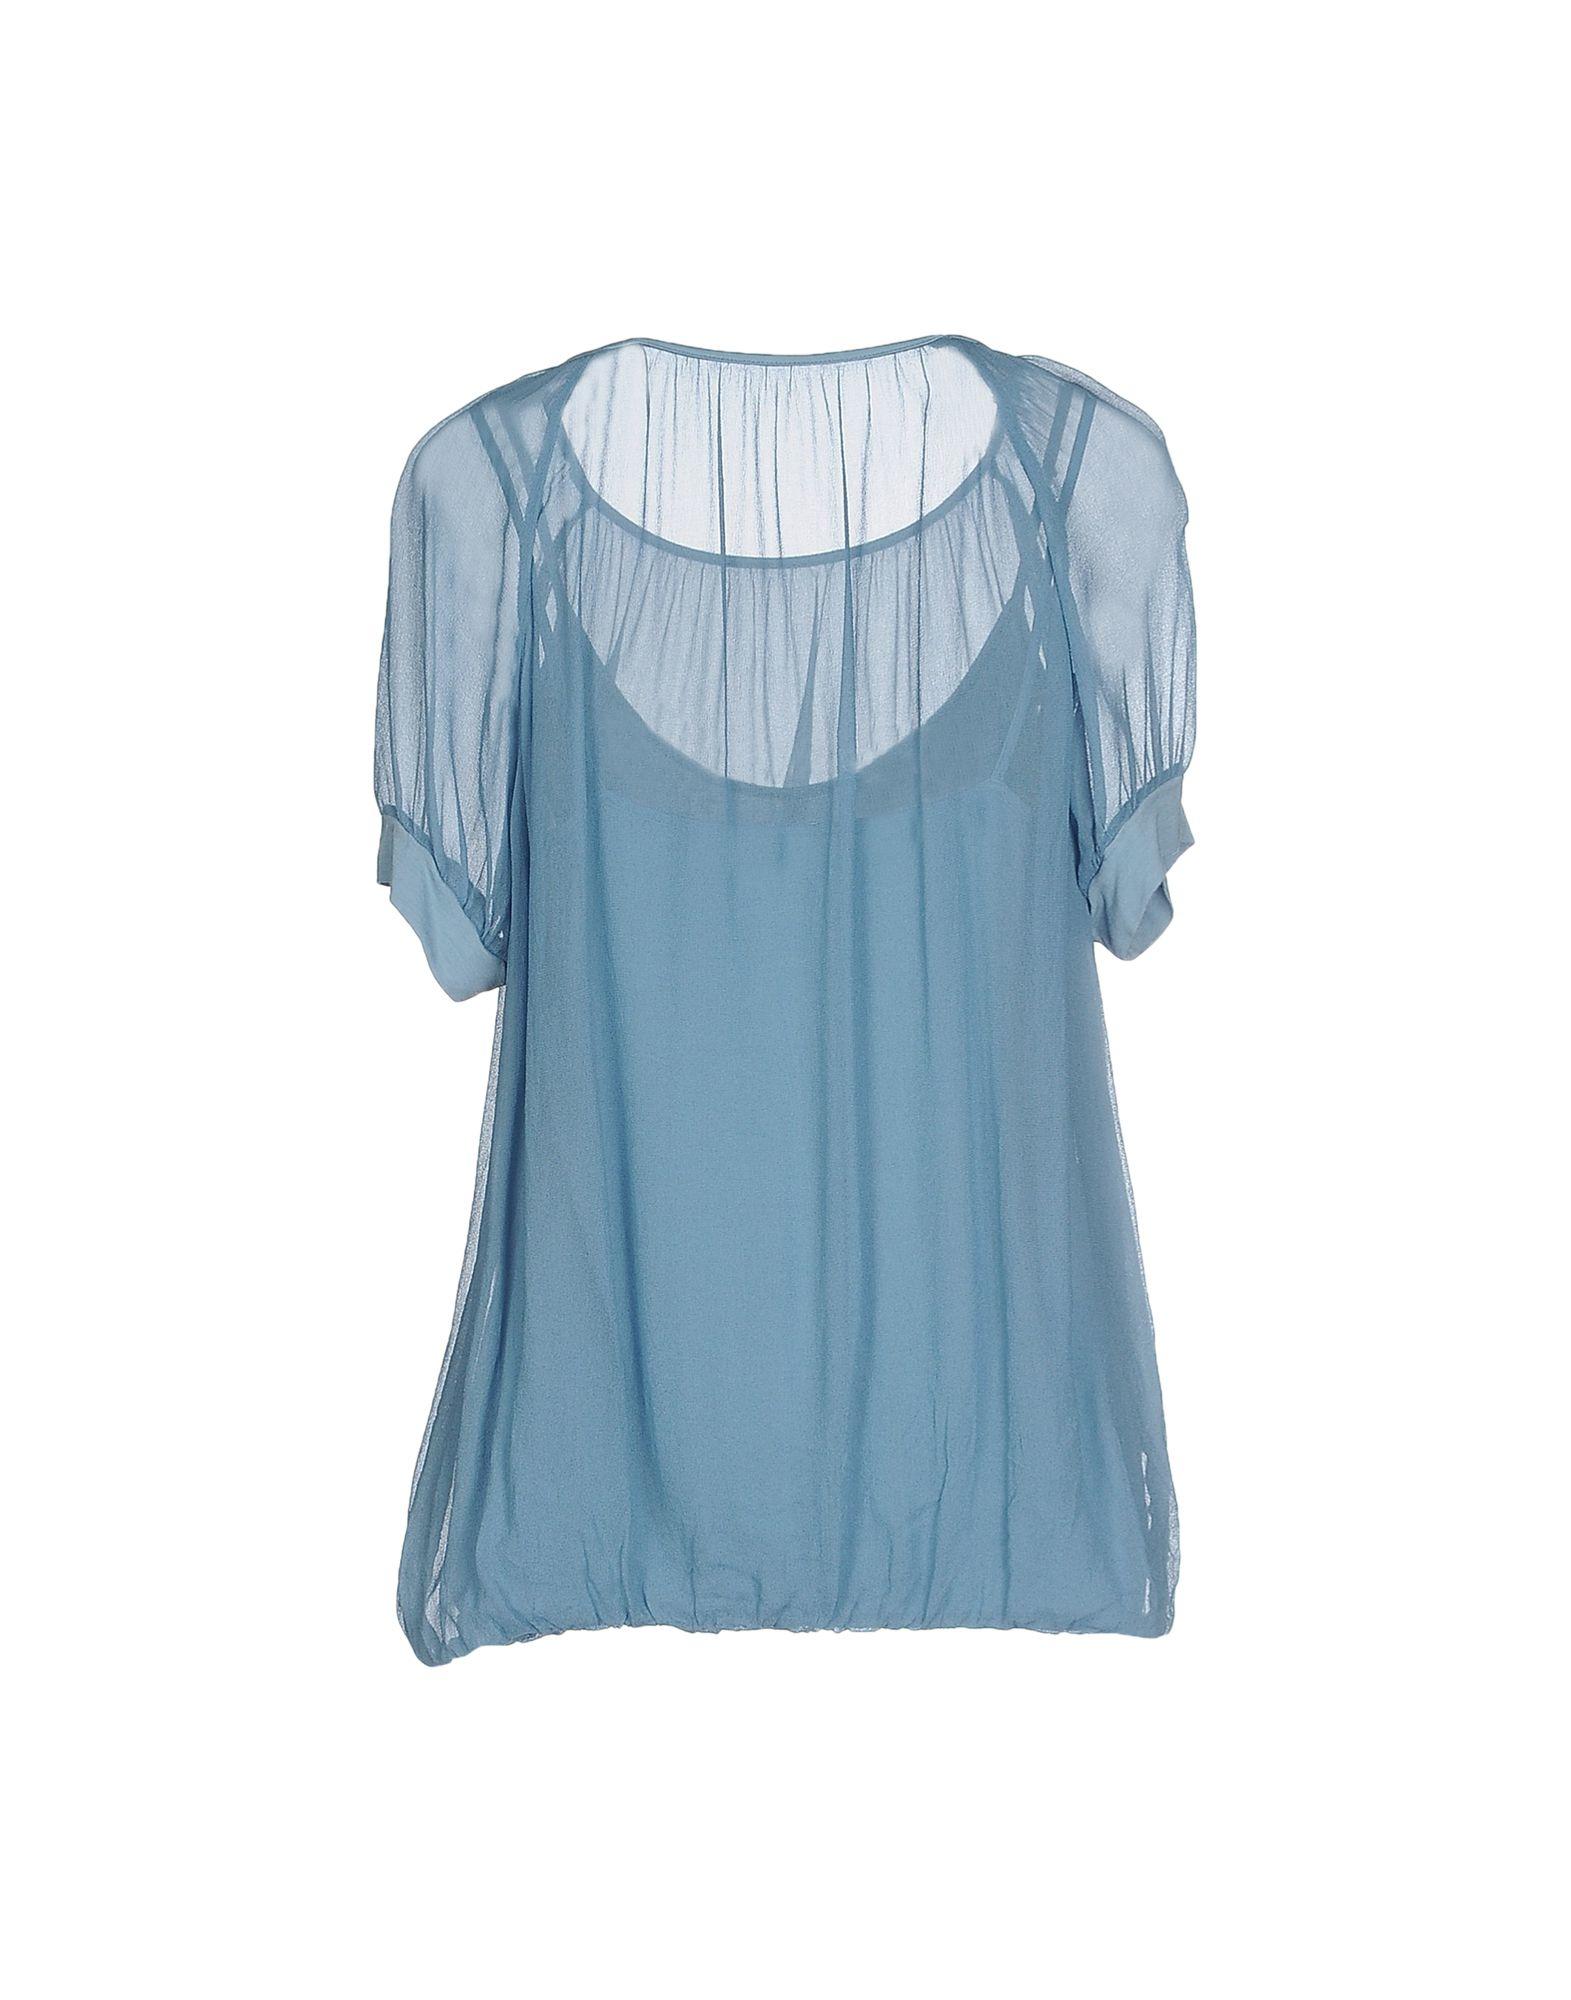 Бирюзовая Блузка Купить